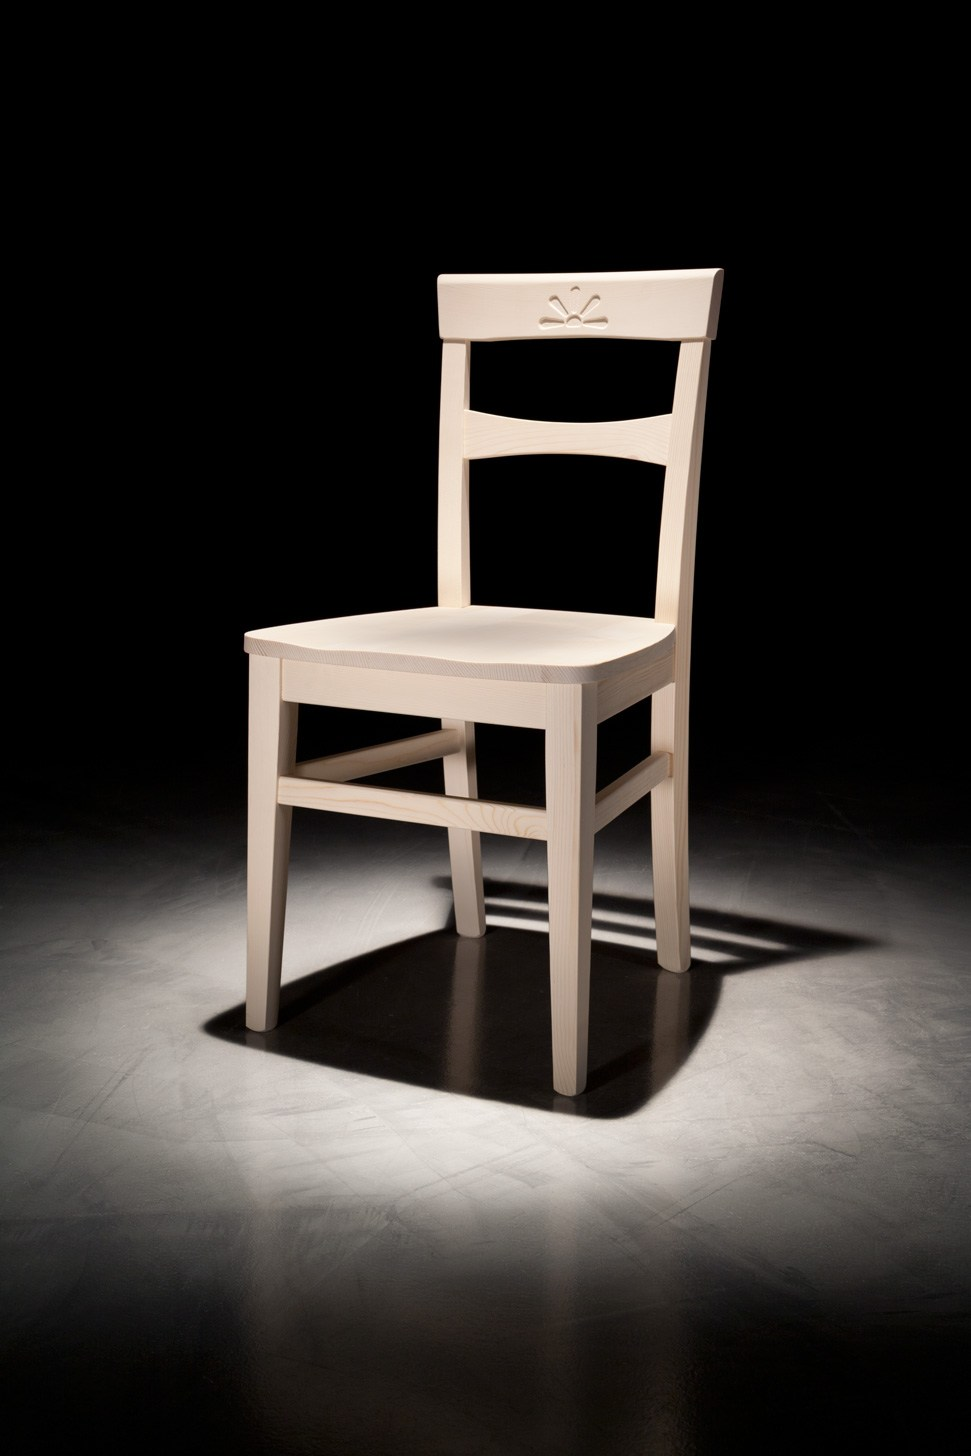 Sedia in legno fiore by callesella arredamenti s r l for Arredamenti legno